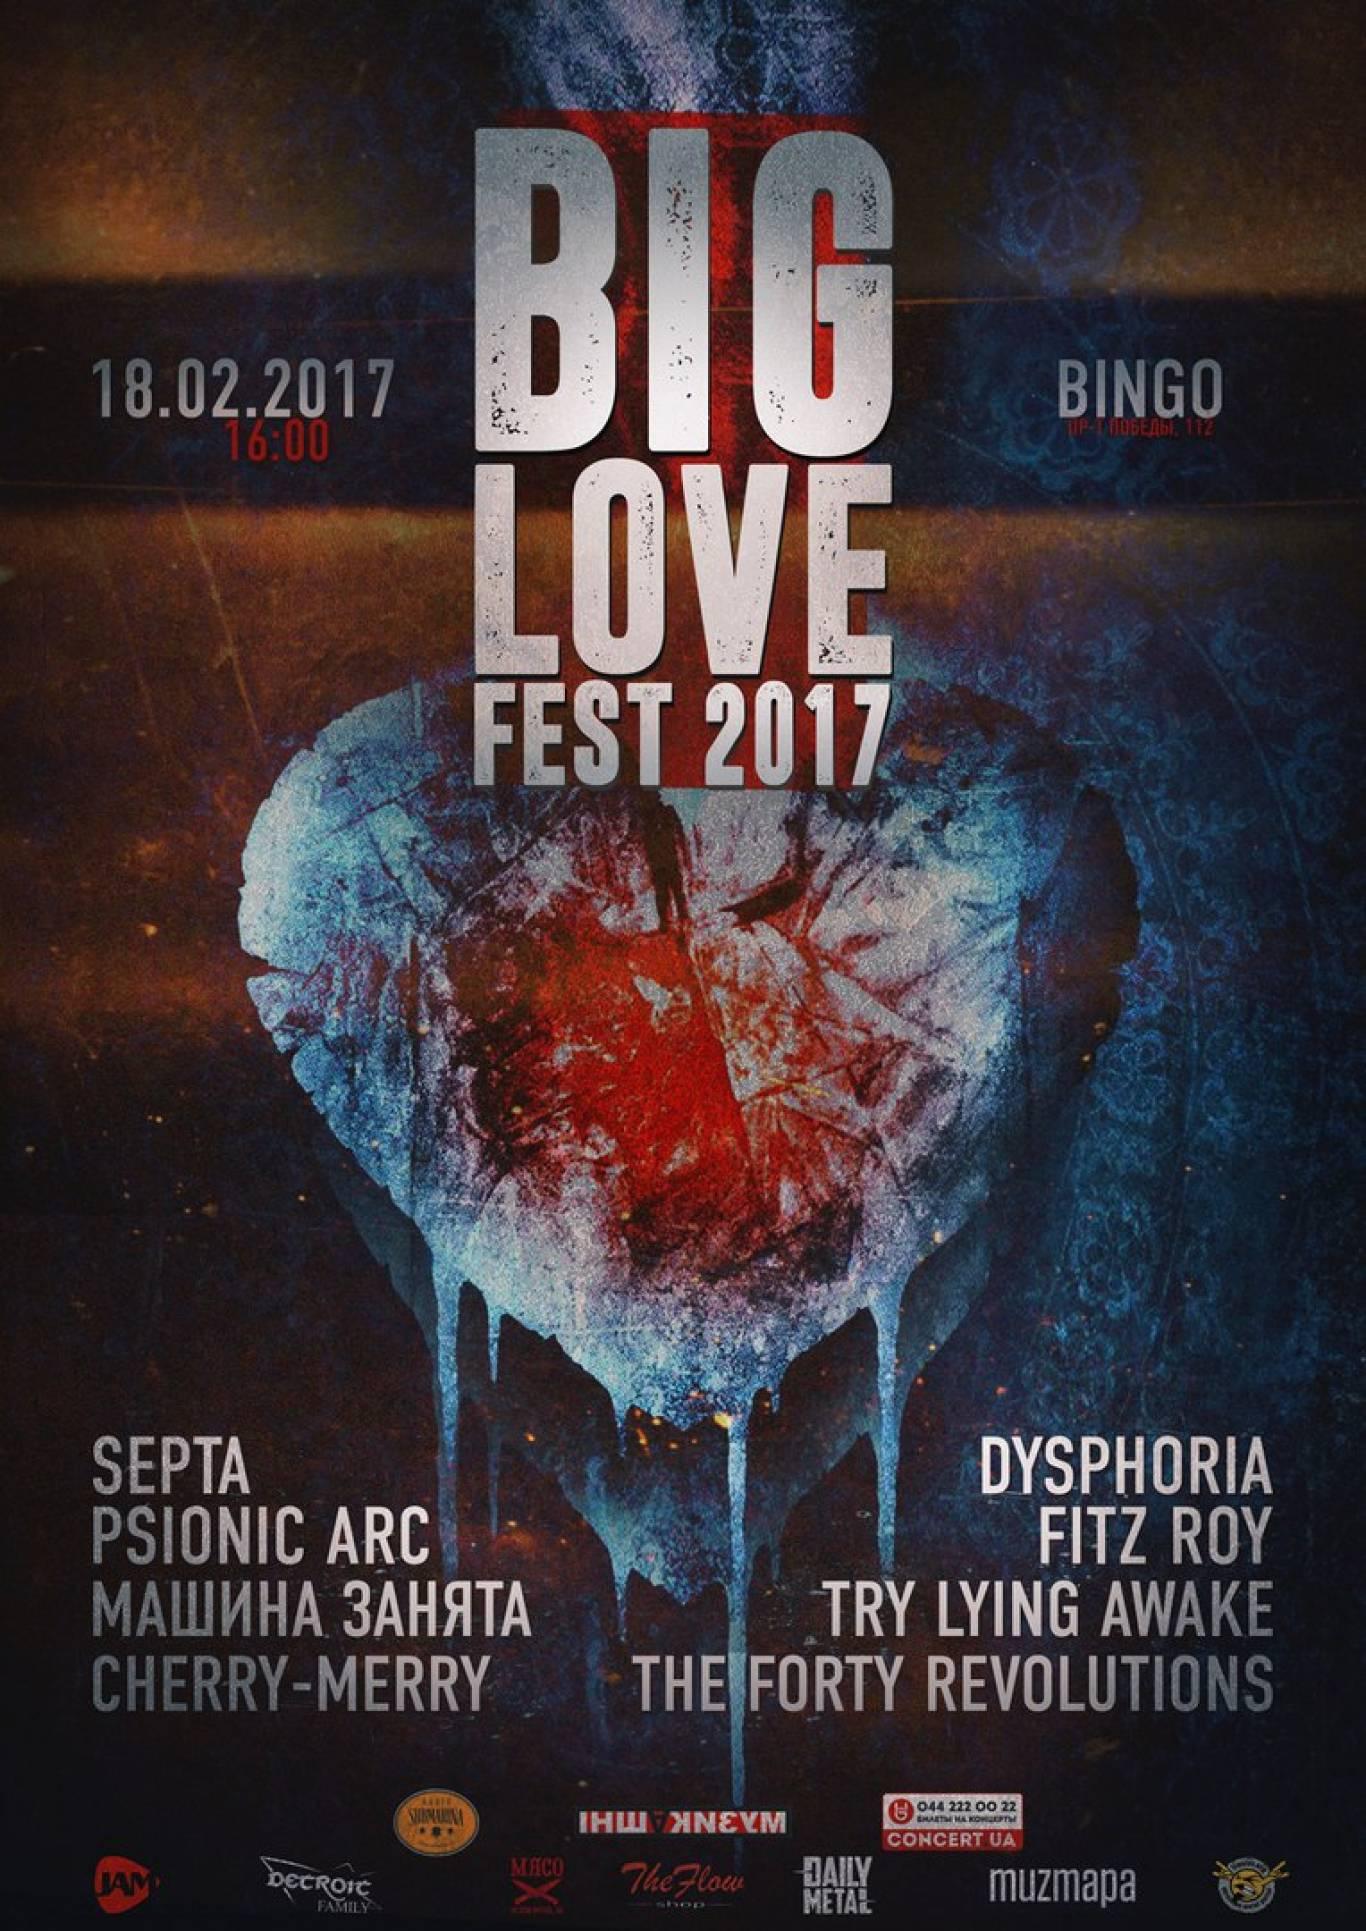 BIG LOVE FEST 2017